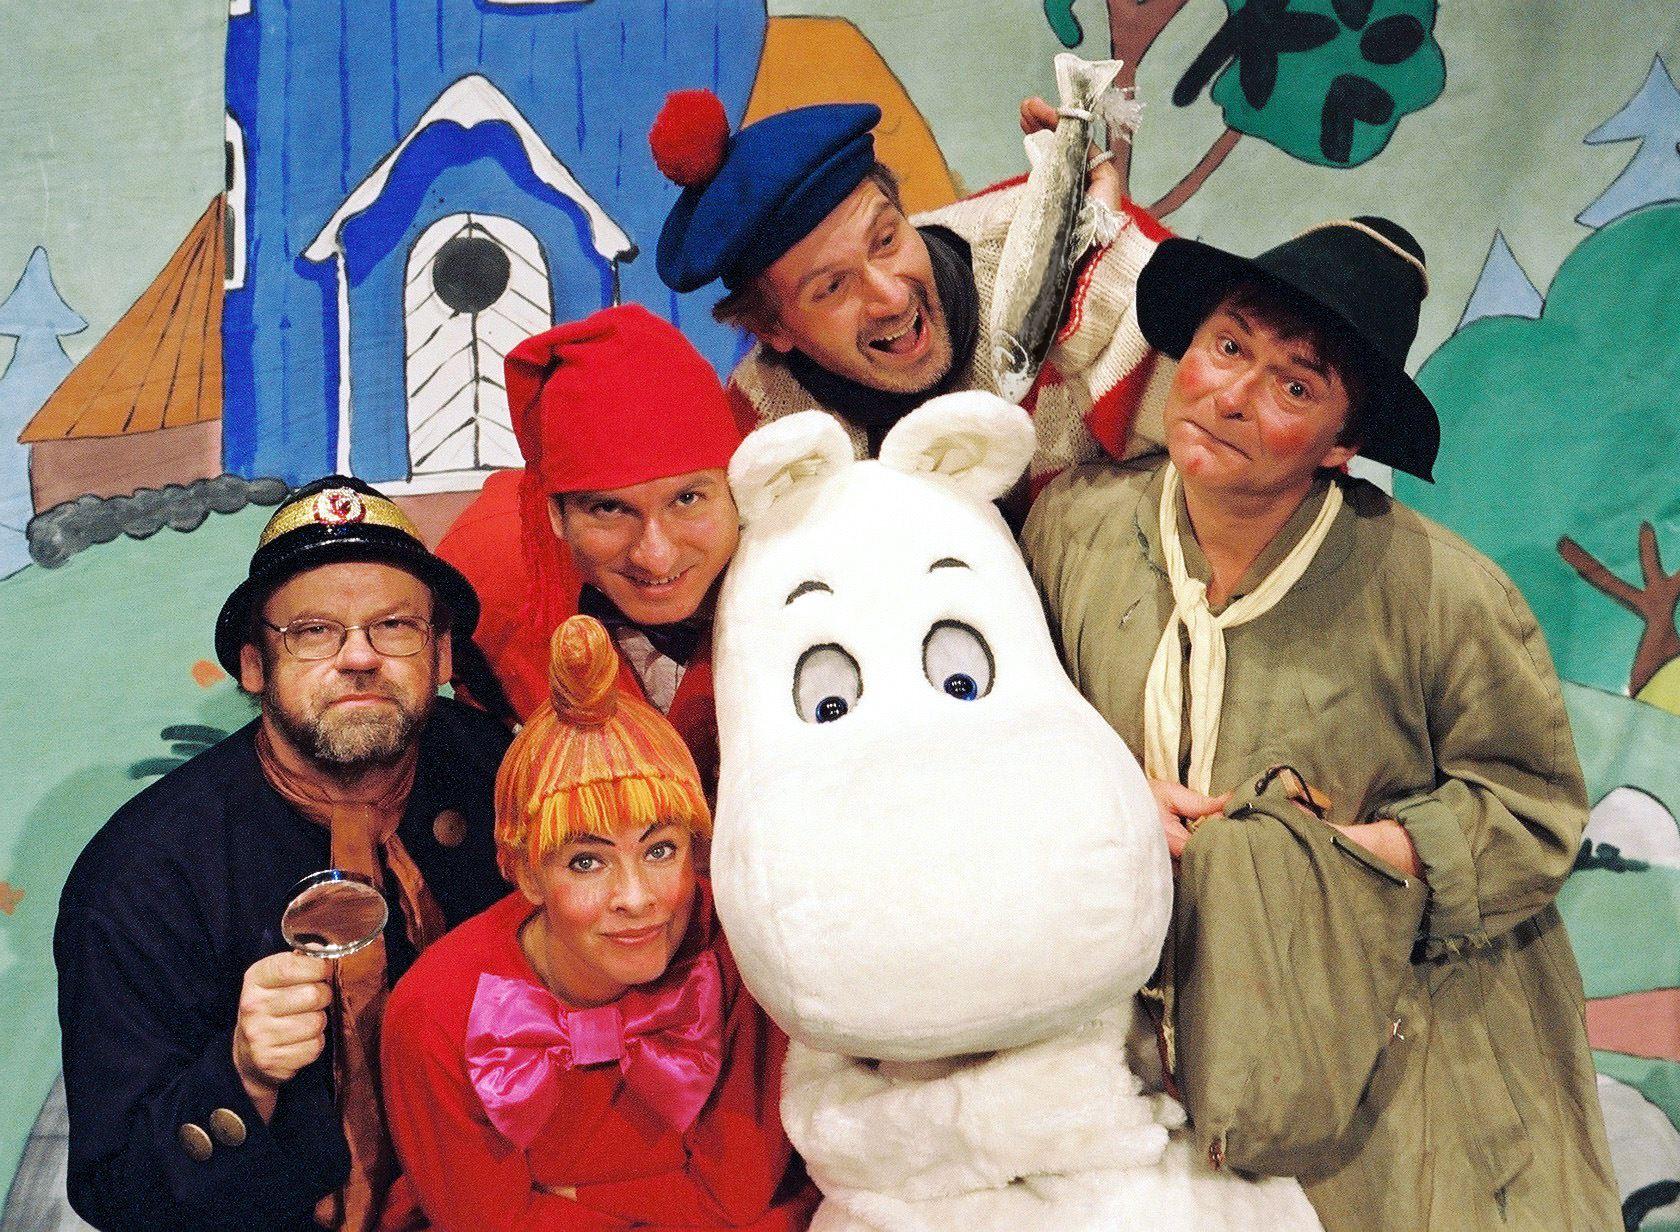 I MUMINDALEN - musikalisk resa i Tove Janssons förtrollade värld. Barn- och familjeföreställning.